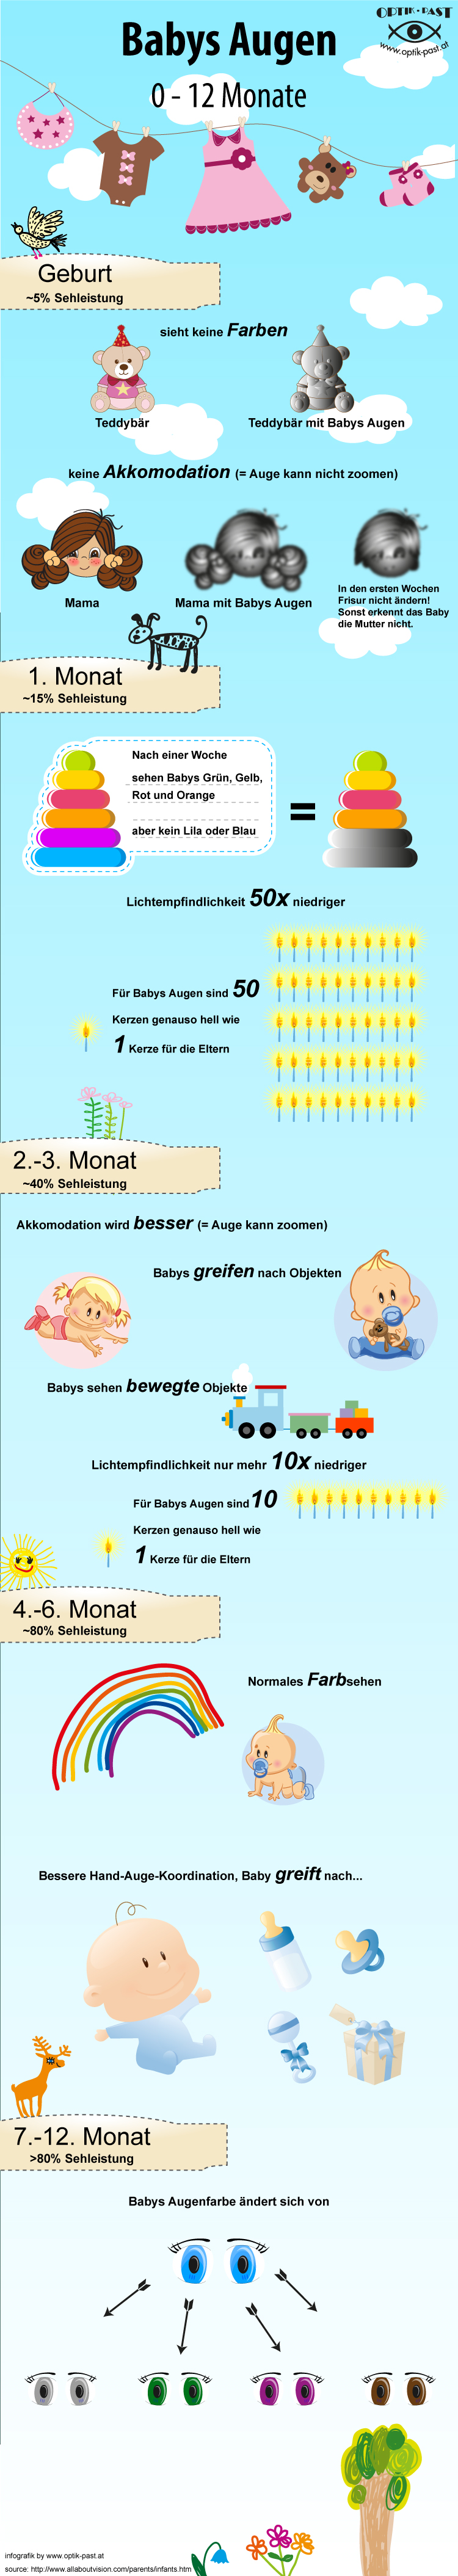 Infografik über die Entwicklung von Babyaugen in den ersten zwölf Monaten nach der Geburt.